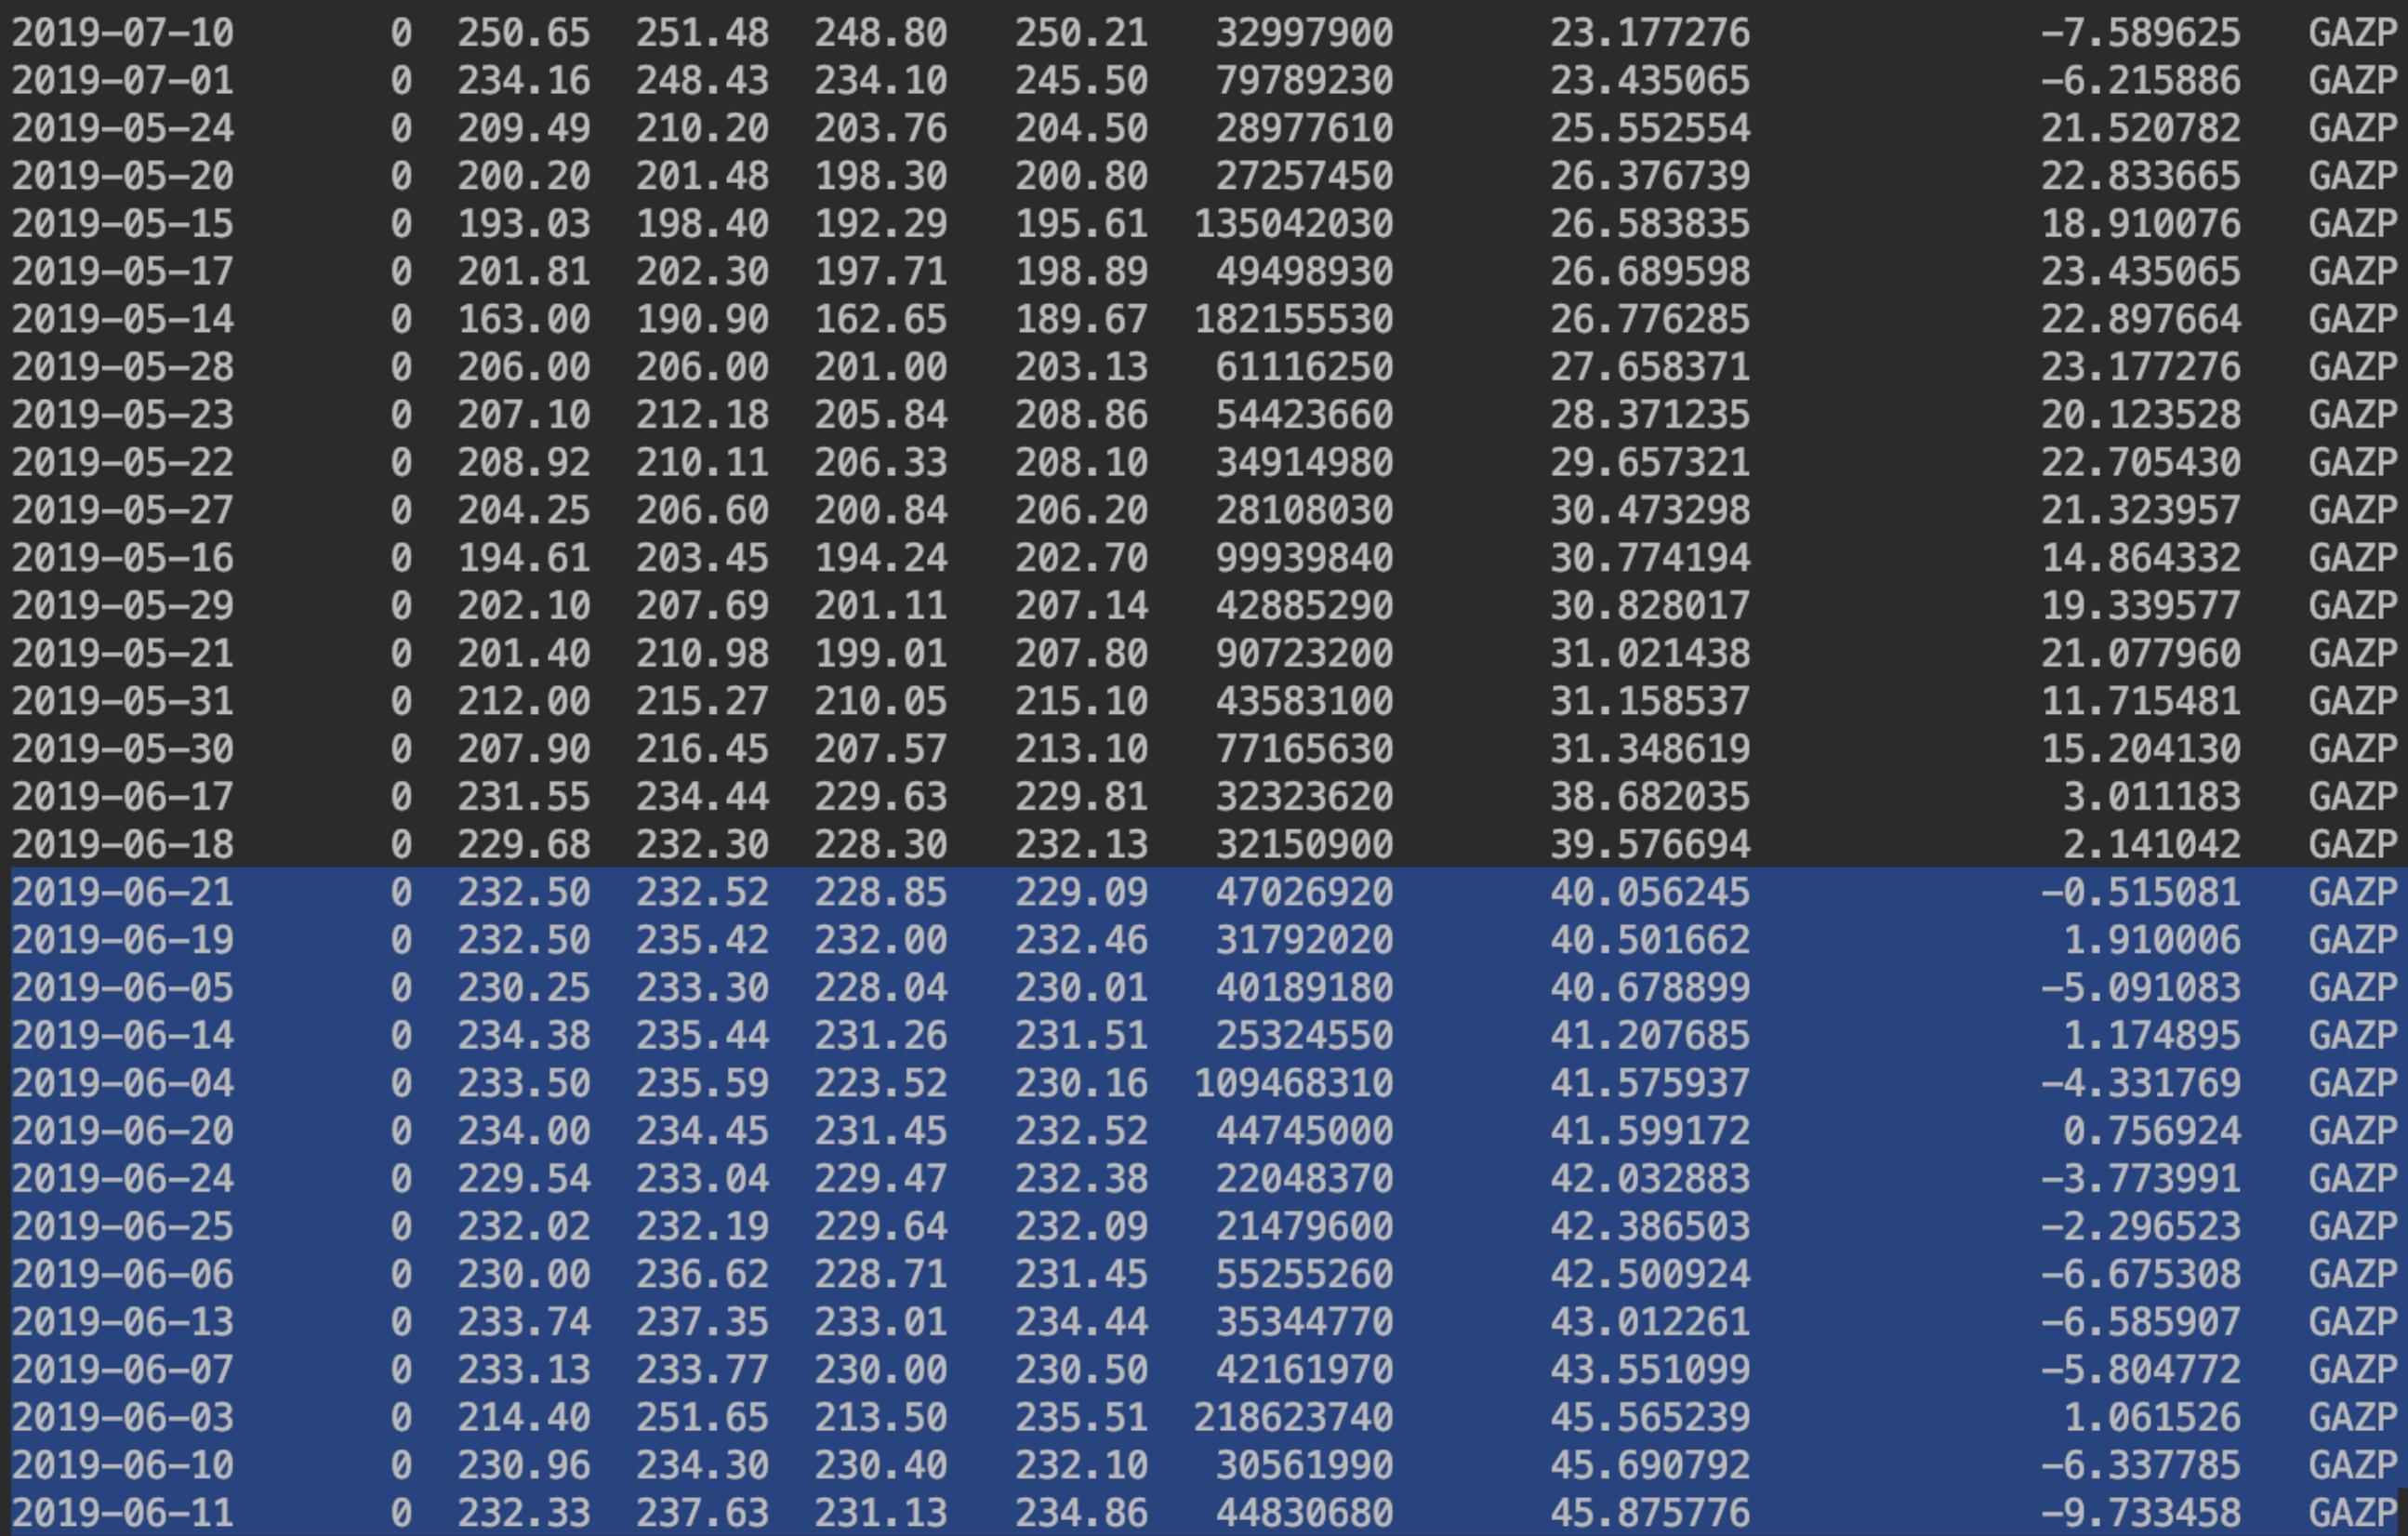 Перспективны ли просевшие акции? Проанализируем с помощью python — IT-МИР. ПОМОЩЬ В IT-МИРЕ 2021